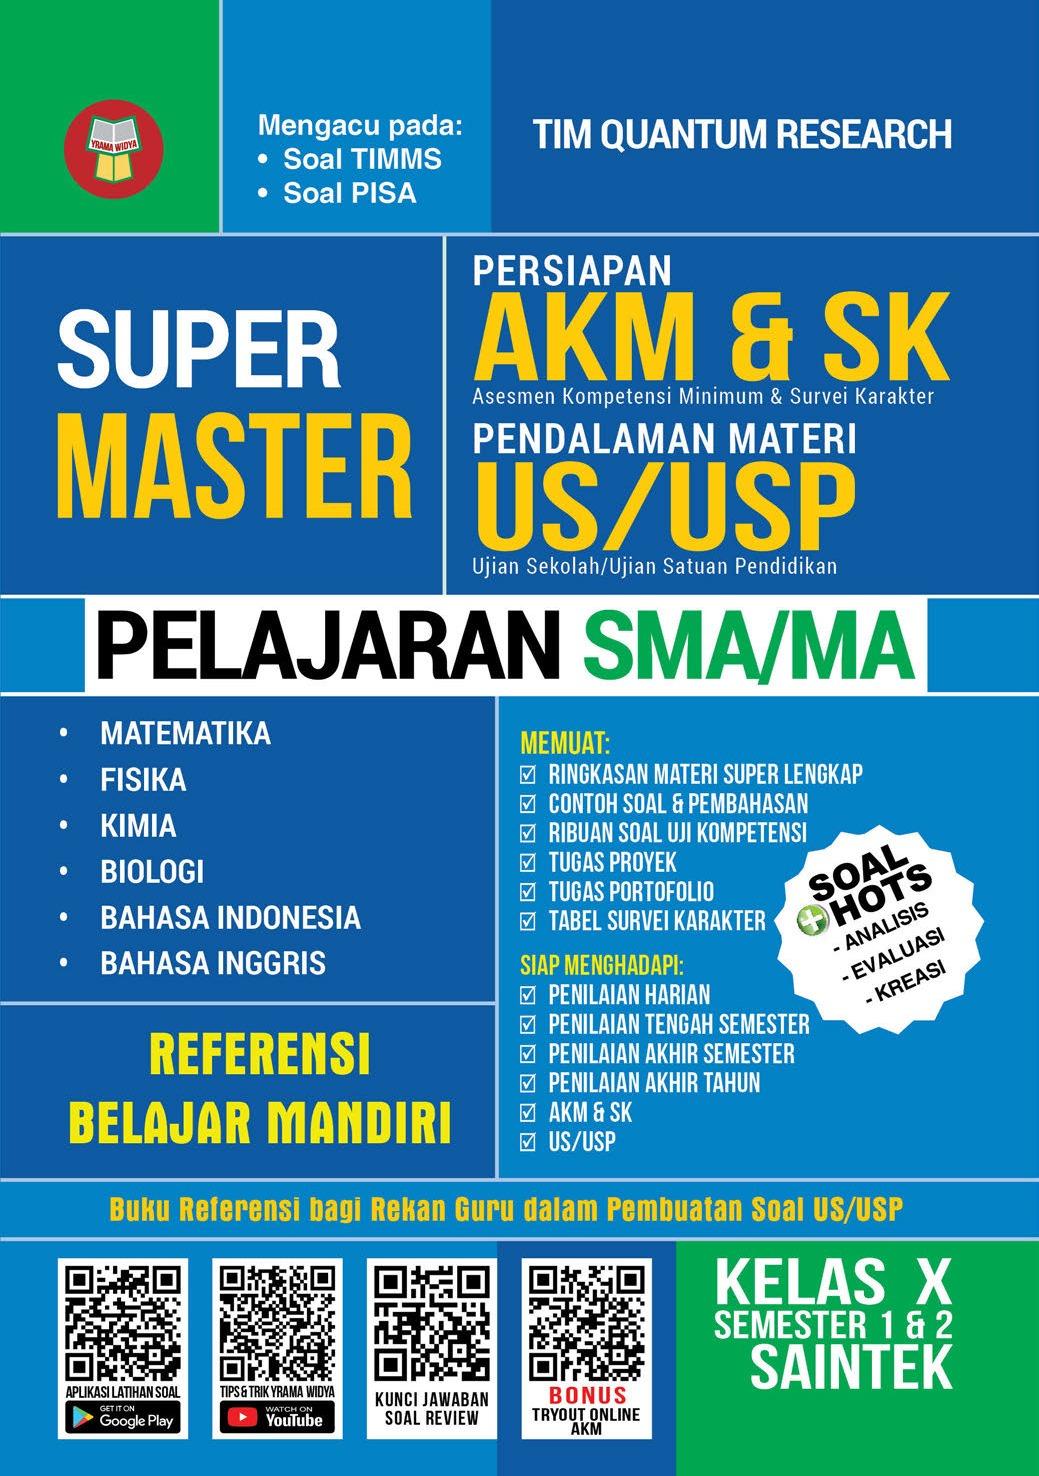 Super Master Persiapan Akm Dan Sk Pendalaman Materi Us Usp Pelajaran Sma Ma Kelas X Saintek Book By Tim Quantum Research Gramedia Digital